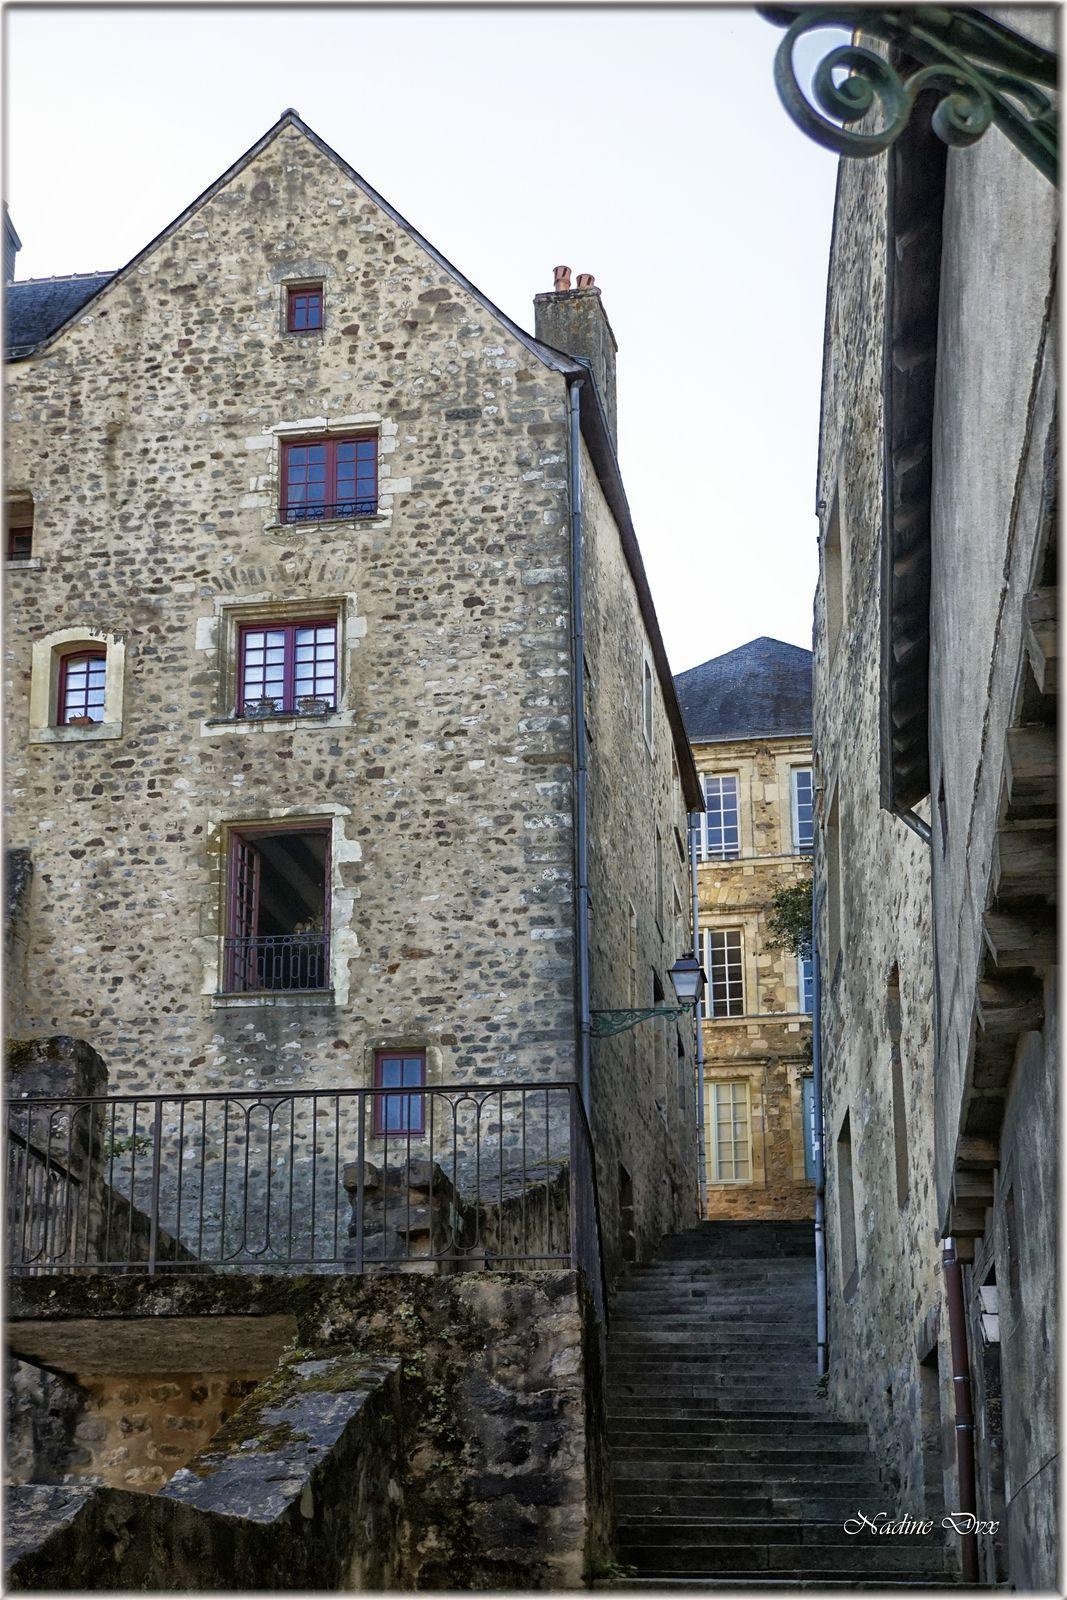 Escalier de la petite Poterne rue de Vaux - Cité Plantagenêt le Mans